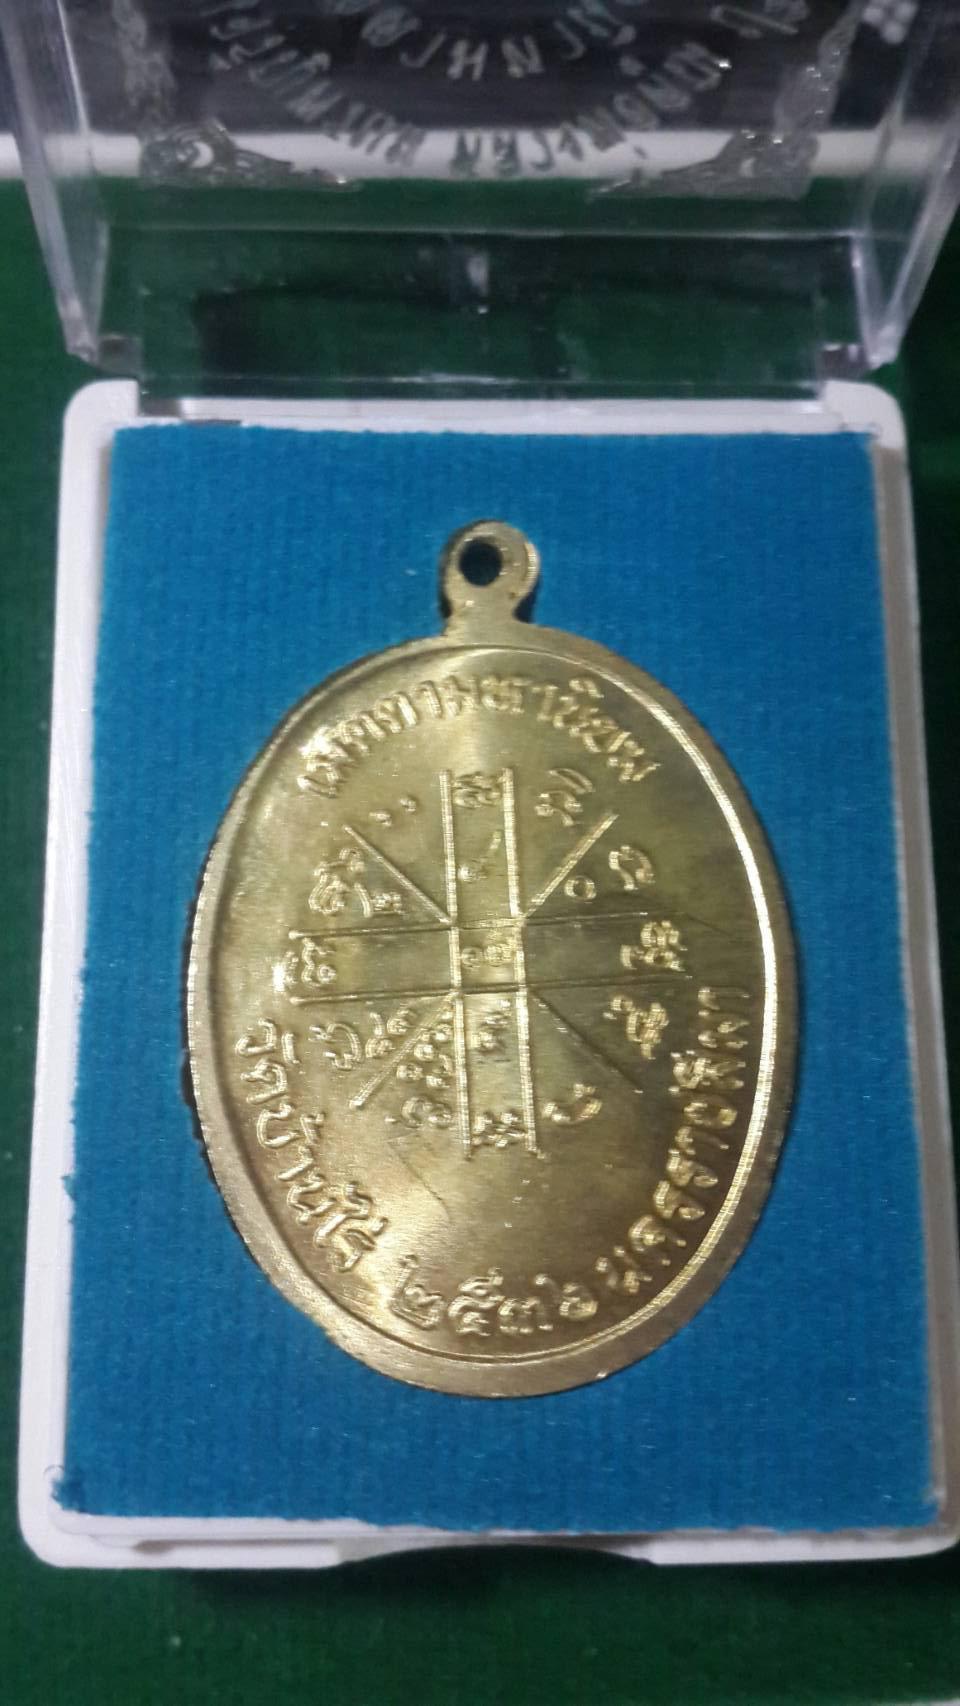 เหรียญหลวงพ่อคูณรุ่นเจริญพรบน ปี2536 รูปที่ 1